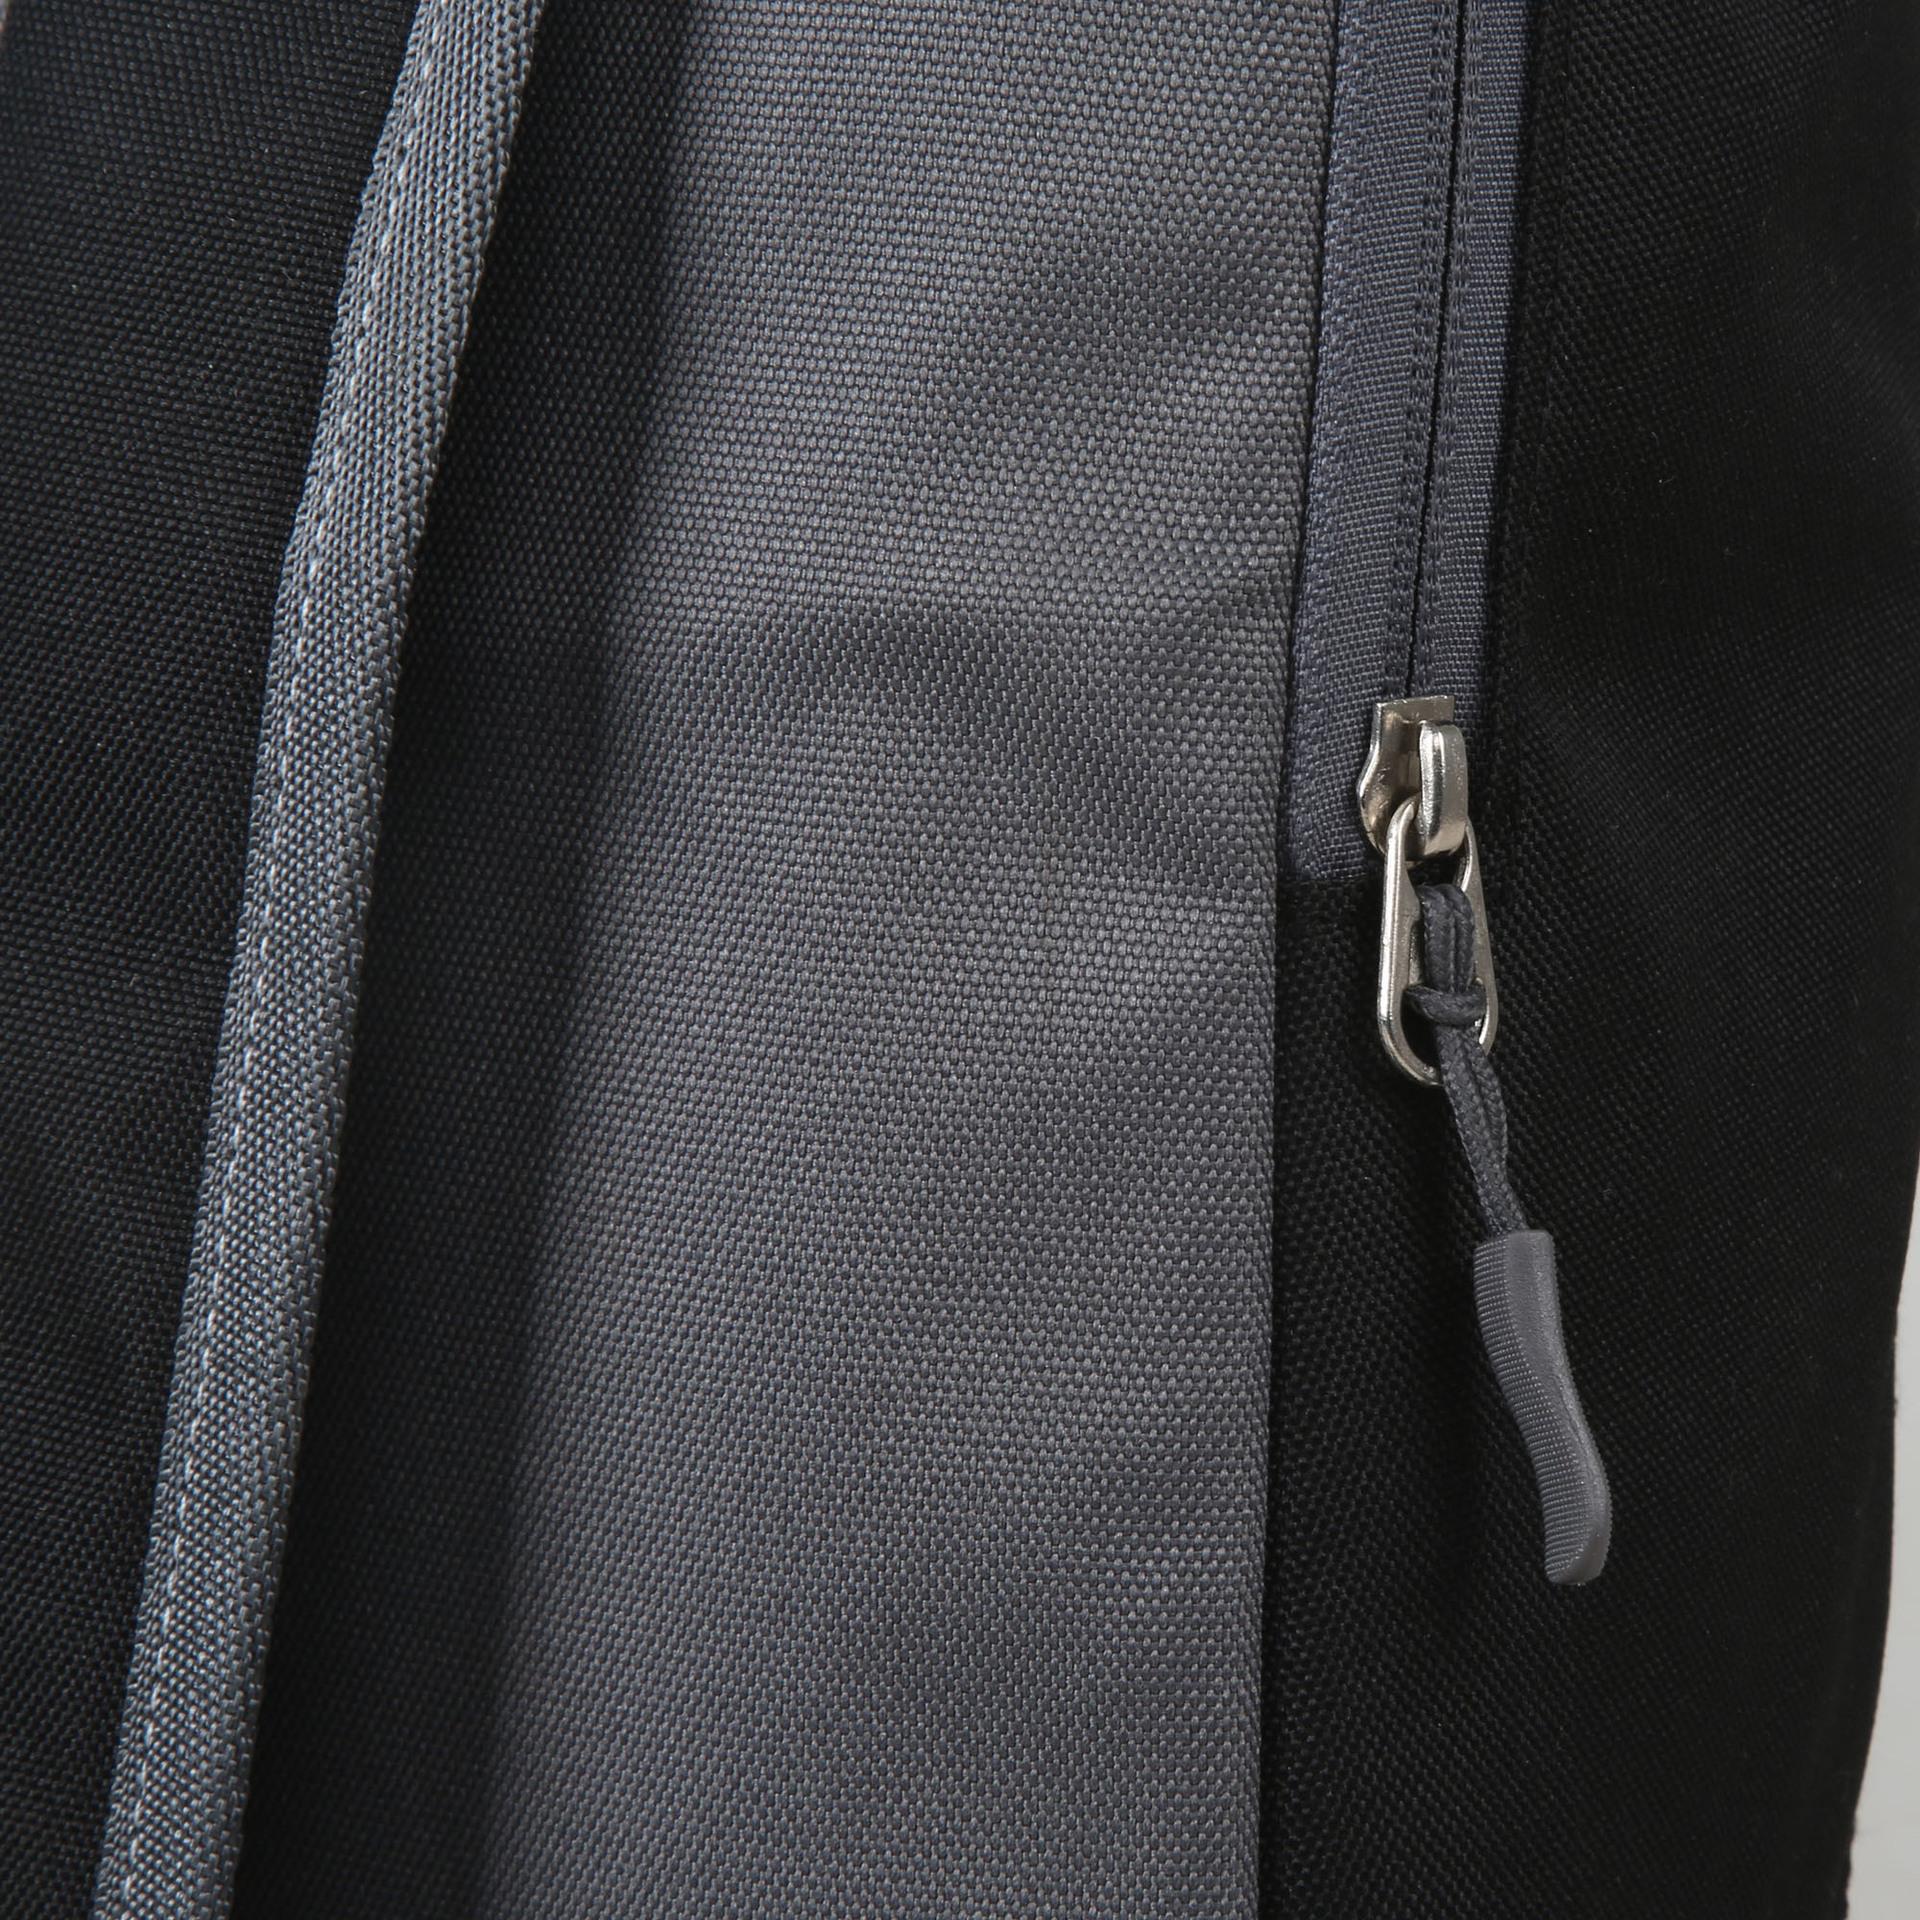 sportivnyj rjukzak s logotipom na zakaz flytrip 23 - Спортивный рюкзак с логотипом (на заказ) FlyTrip: 20 л, нейлон 300D/ 600D